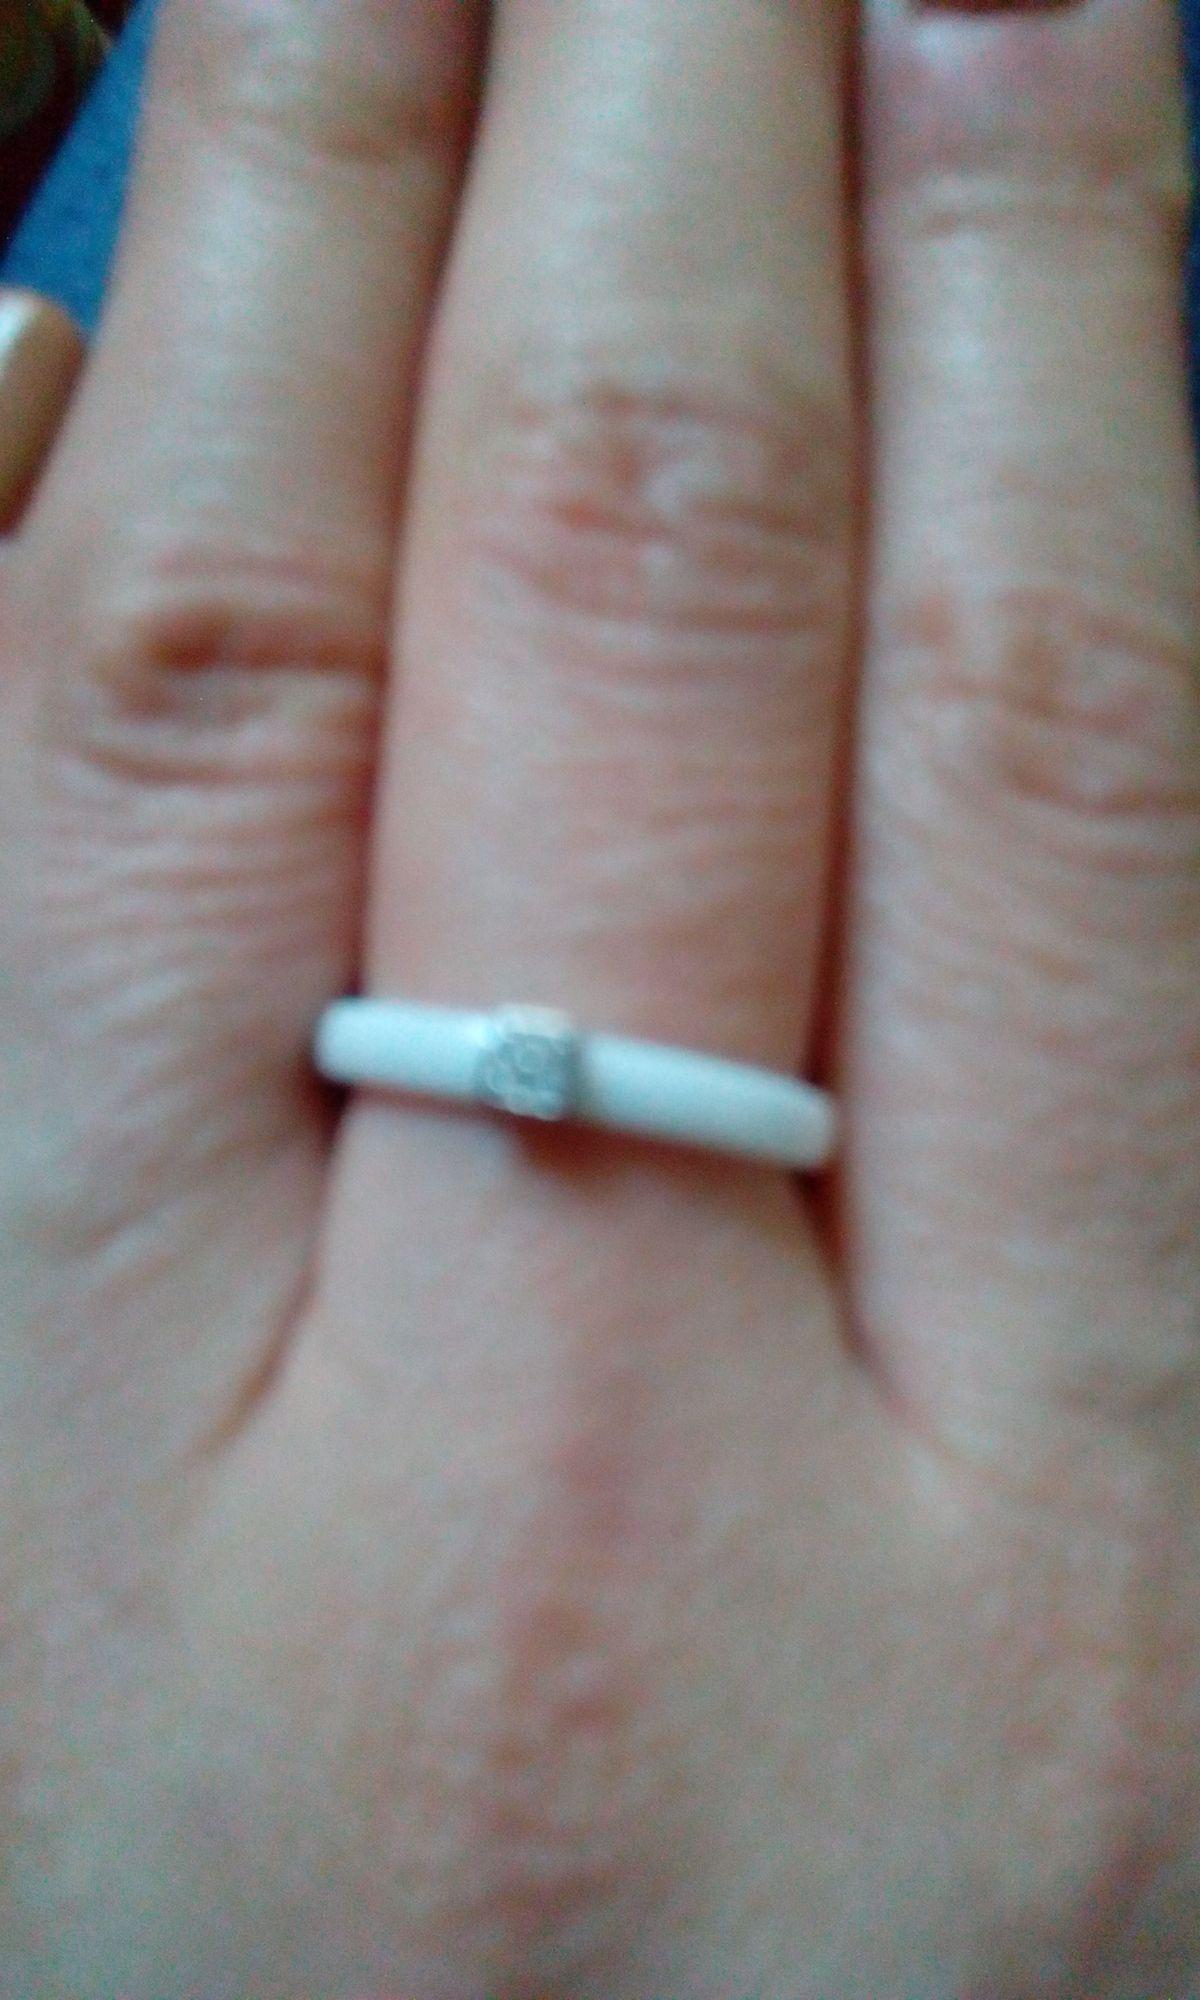 Керамическое кольцо с фианитами.